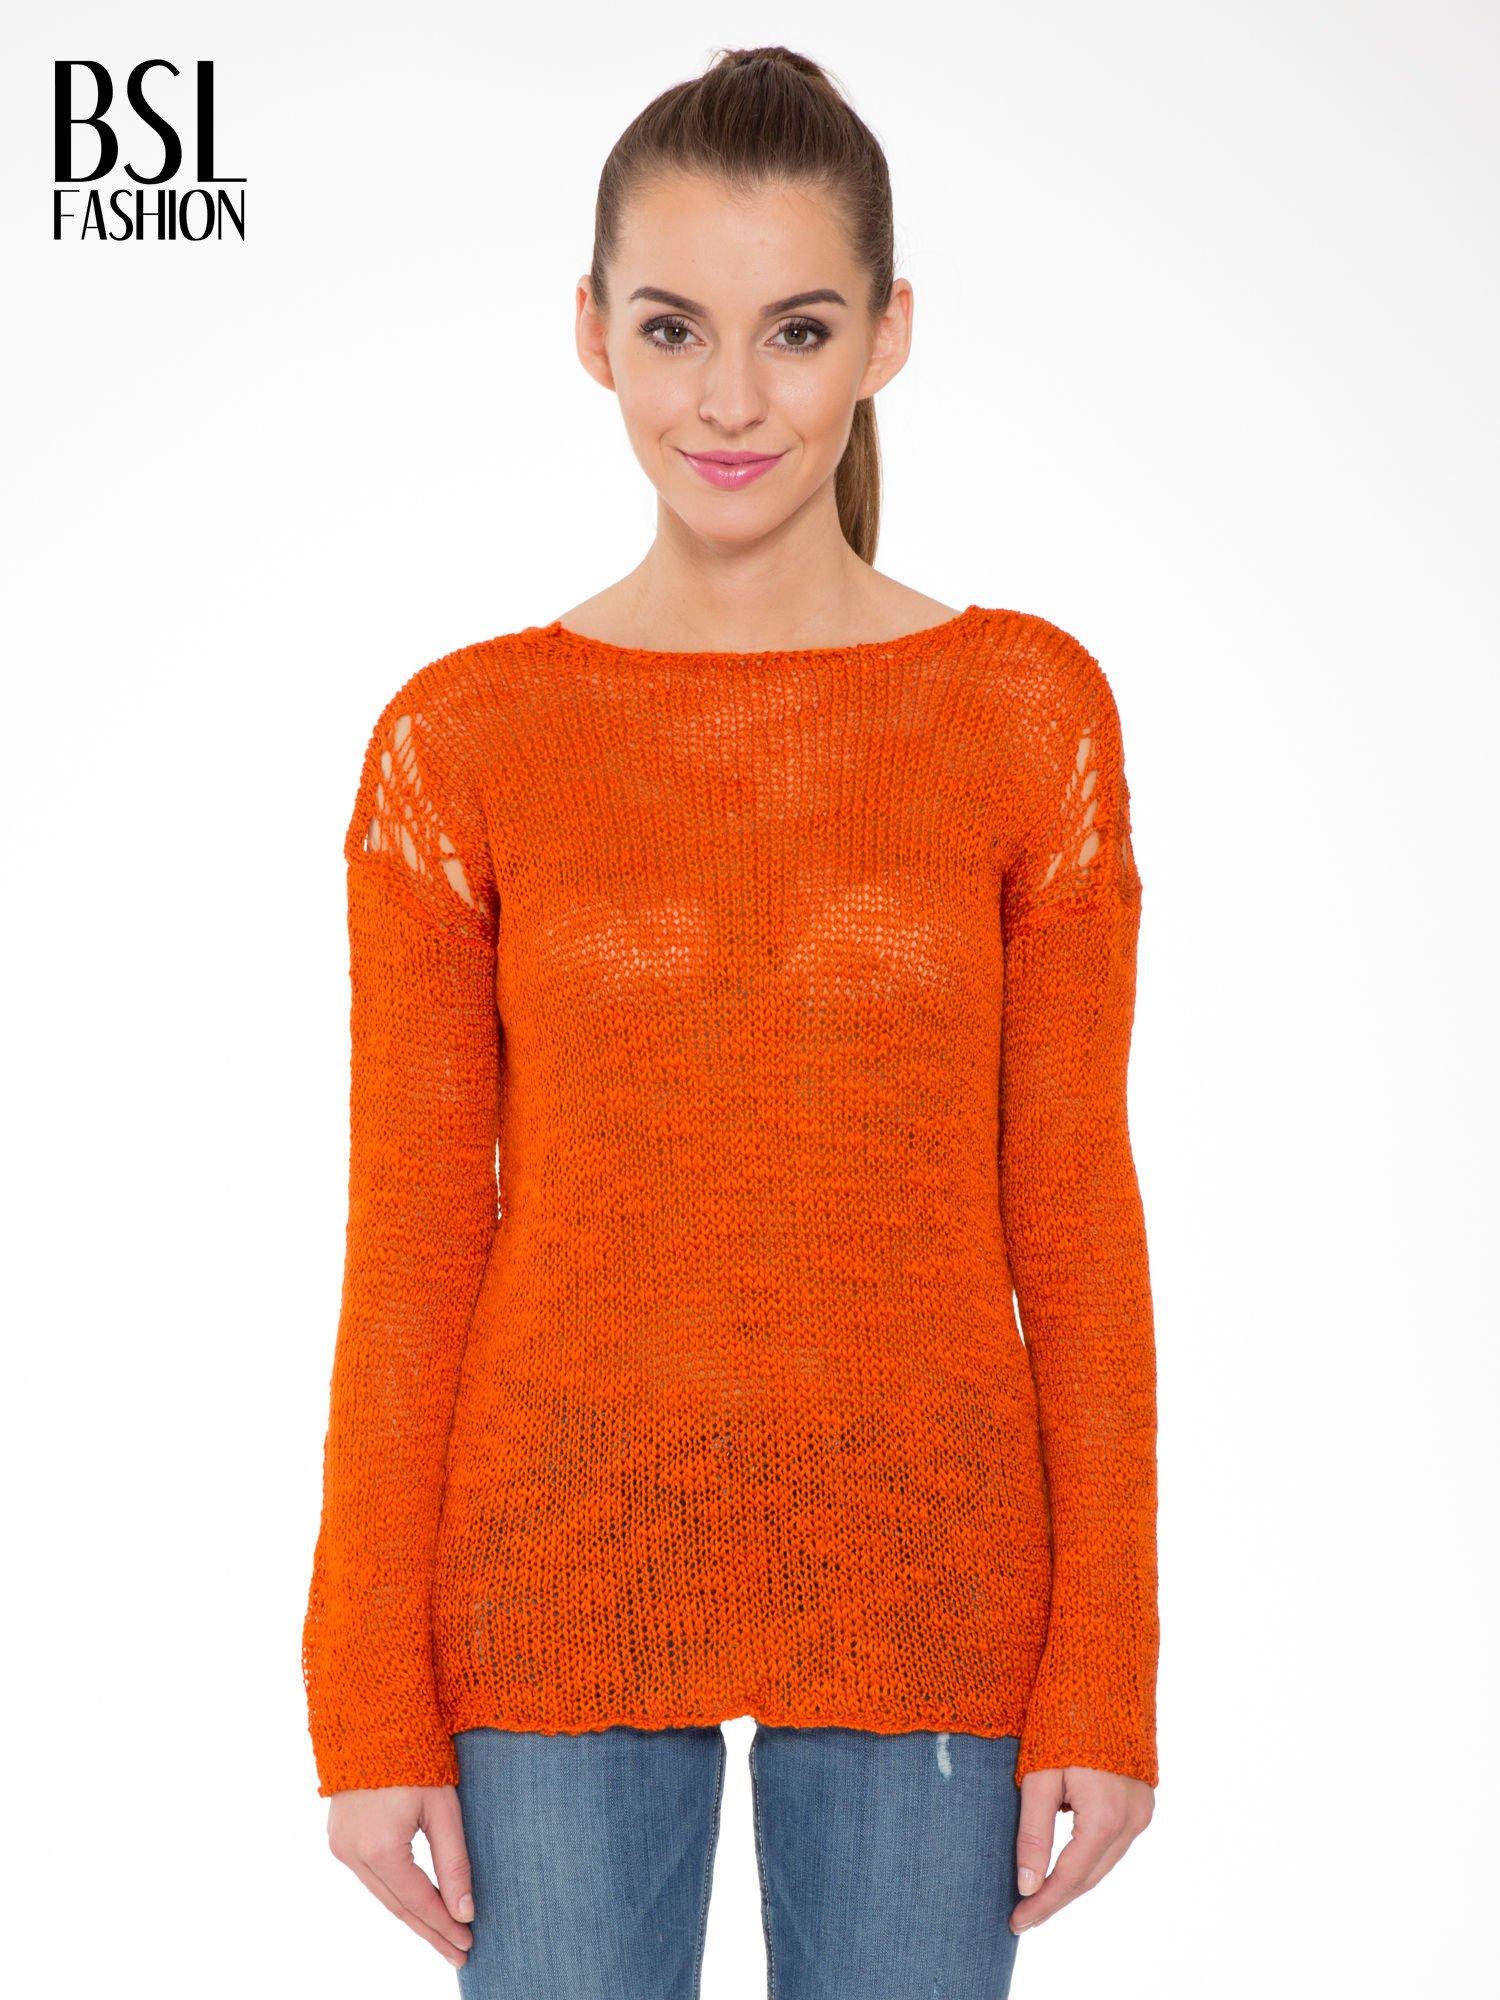 Pomarańczowy sweter z oczkami przy ramionach                                  zdj.                                  1